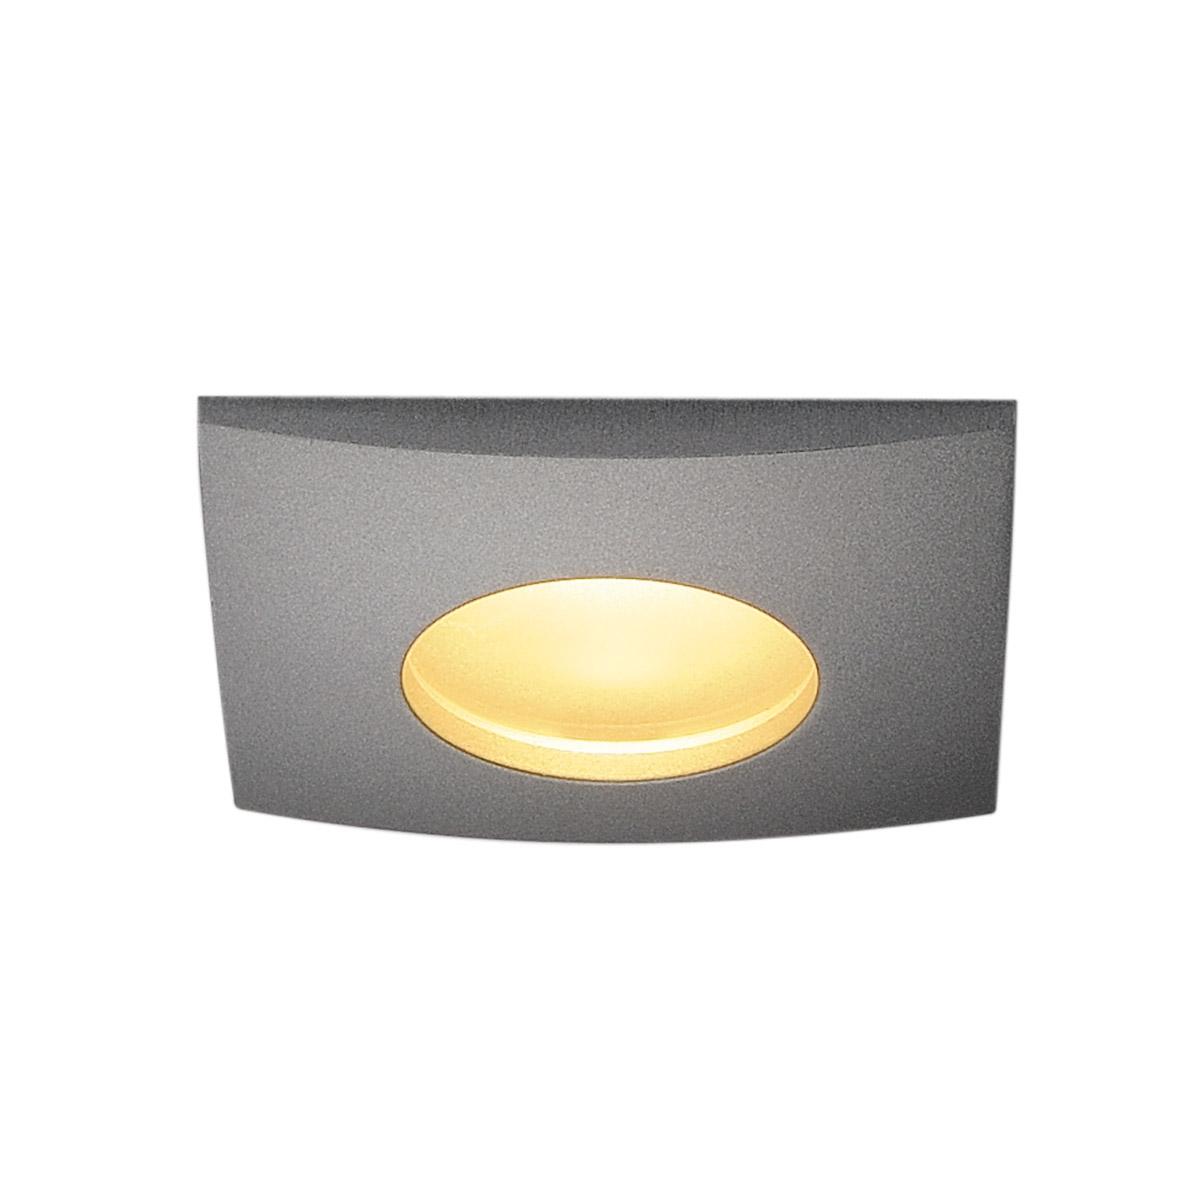 1 Stk OUT 65 LED DL SQUARE Set, 9W, 3000K, 38°, silbergrau LI114474--